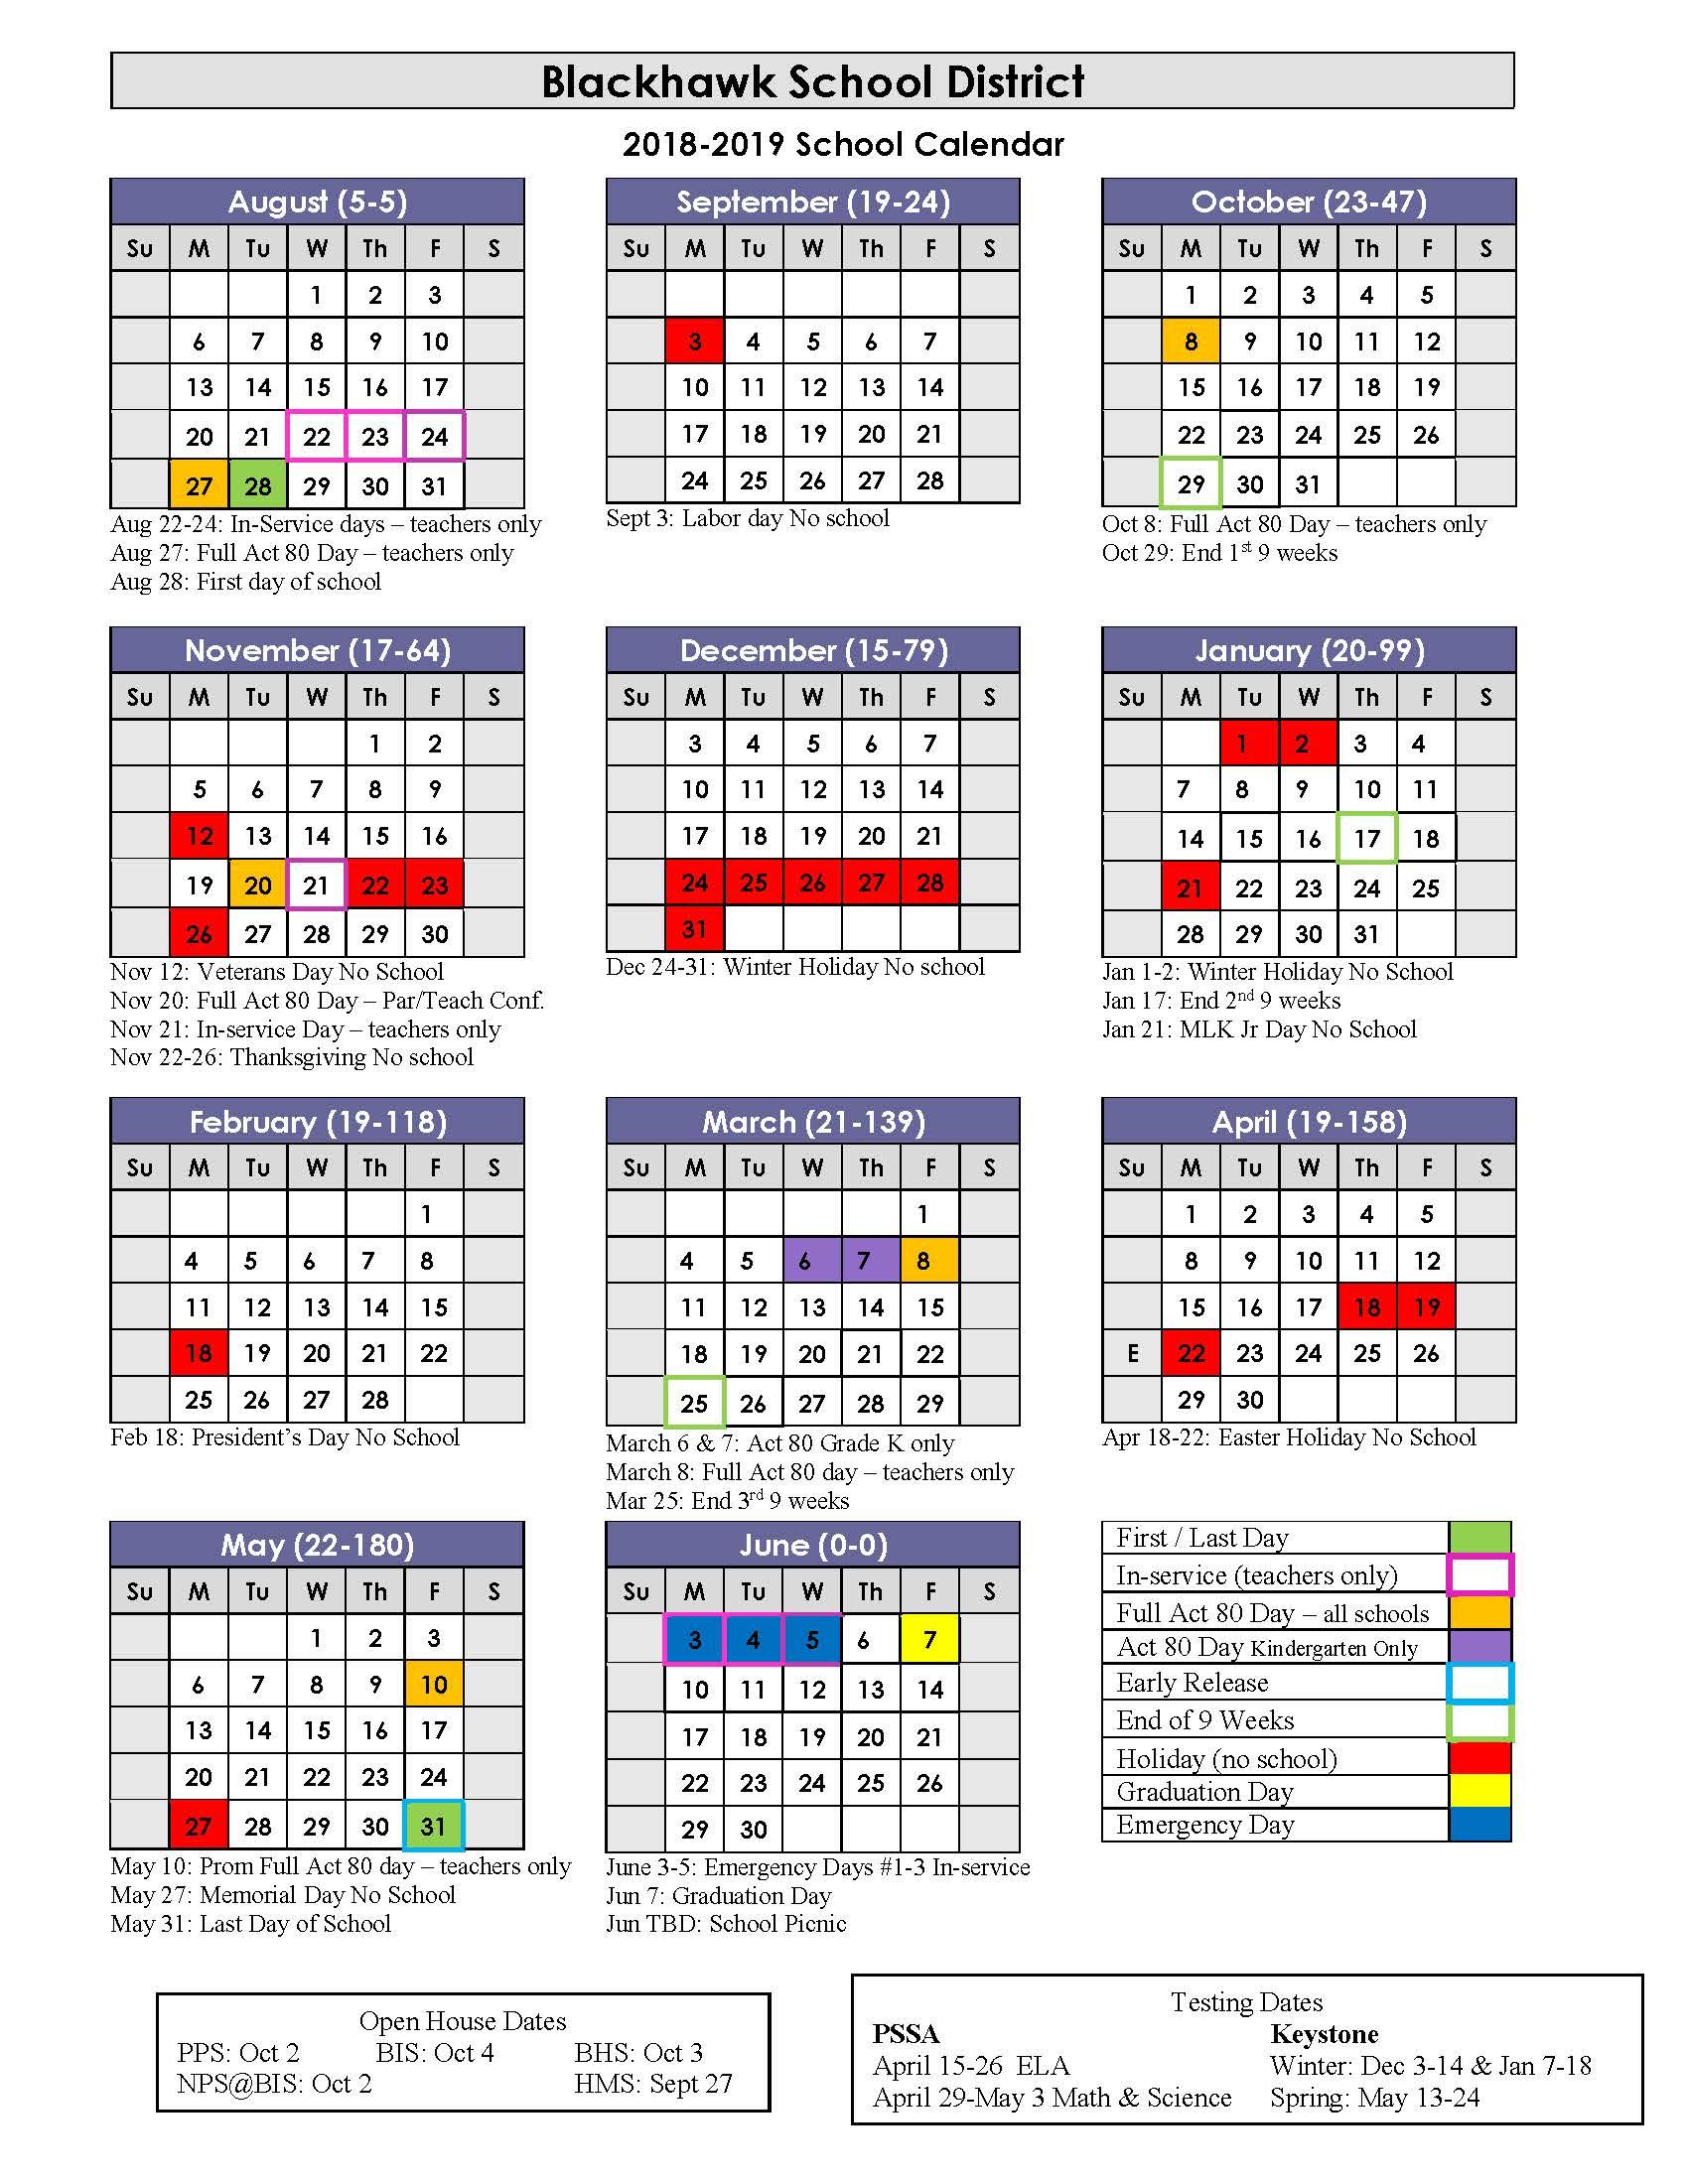 Mrs krut calendar fandeluxe Image collections